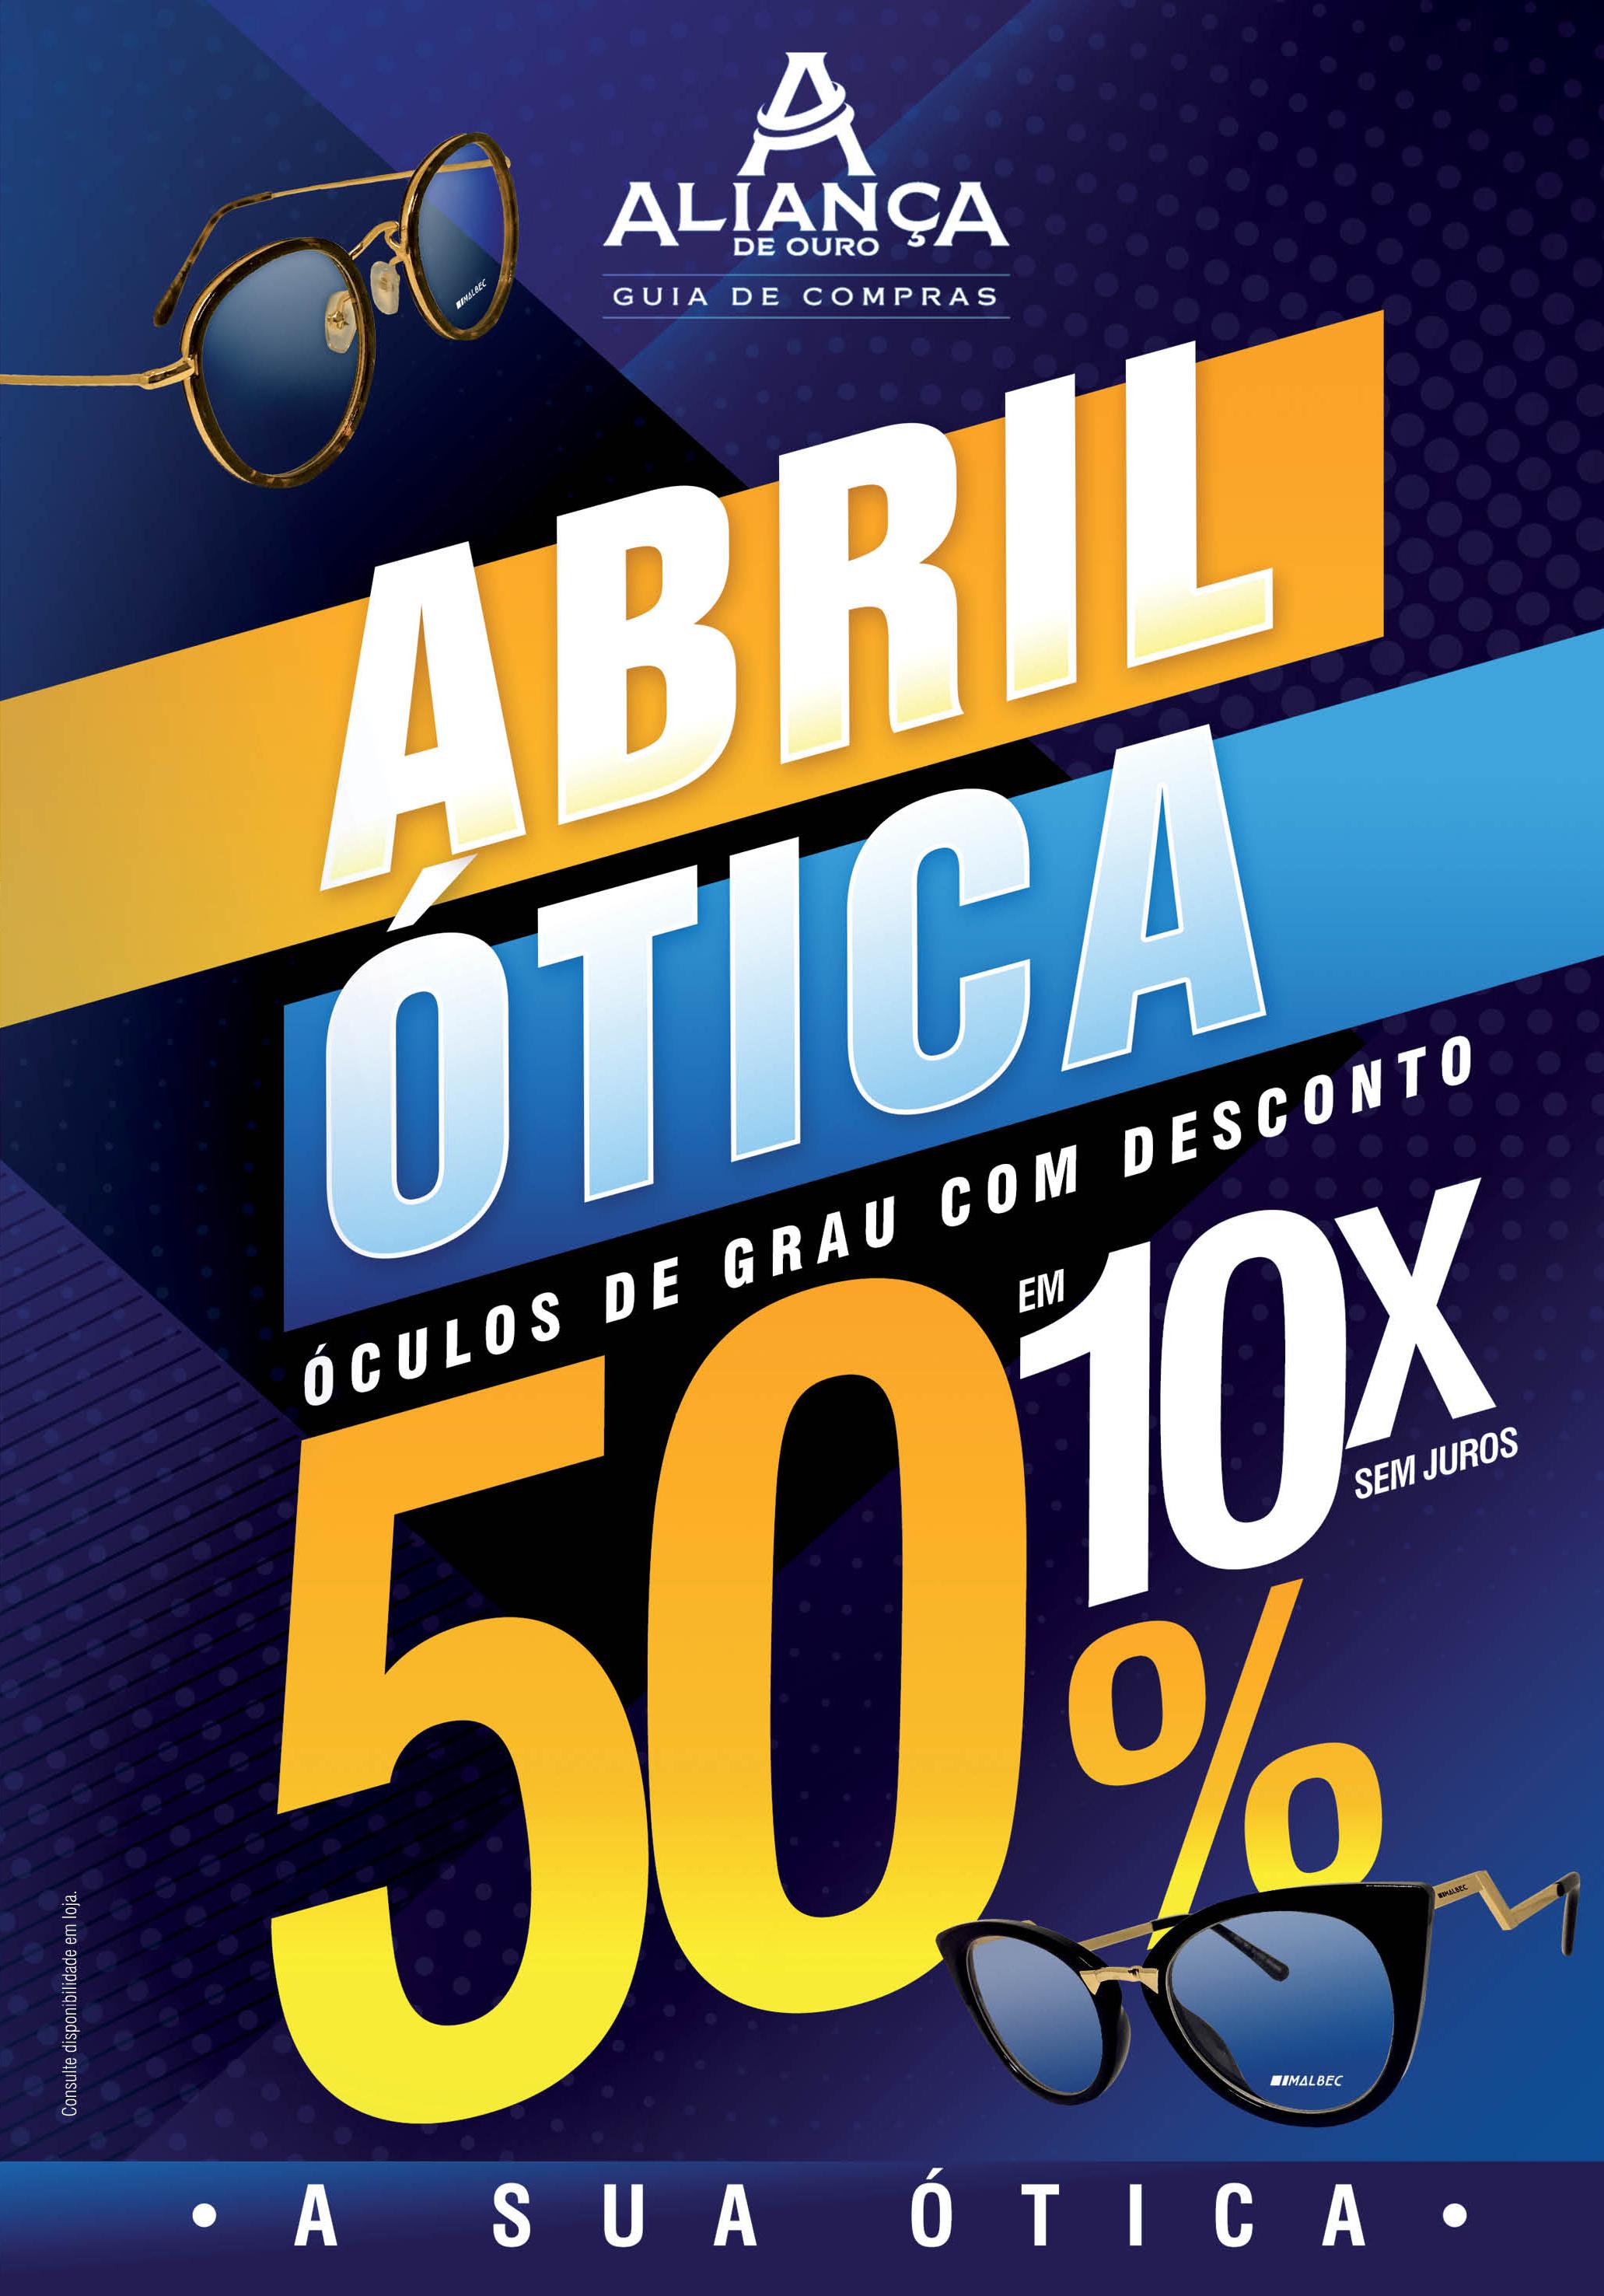 """Aliança de Ouro lança campanha """"Abril Ótica"""" com descontos de até 50% em  óculos de grau eb71982c26"""